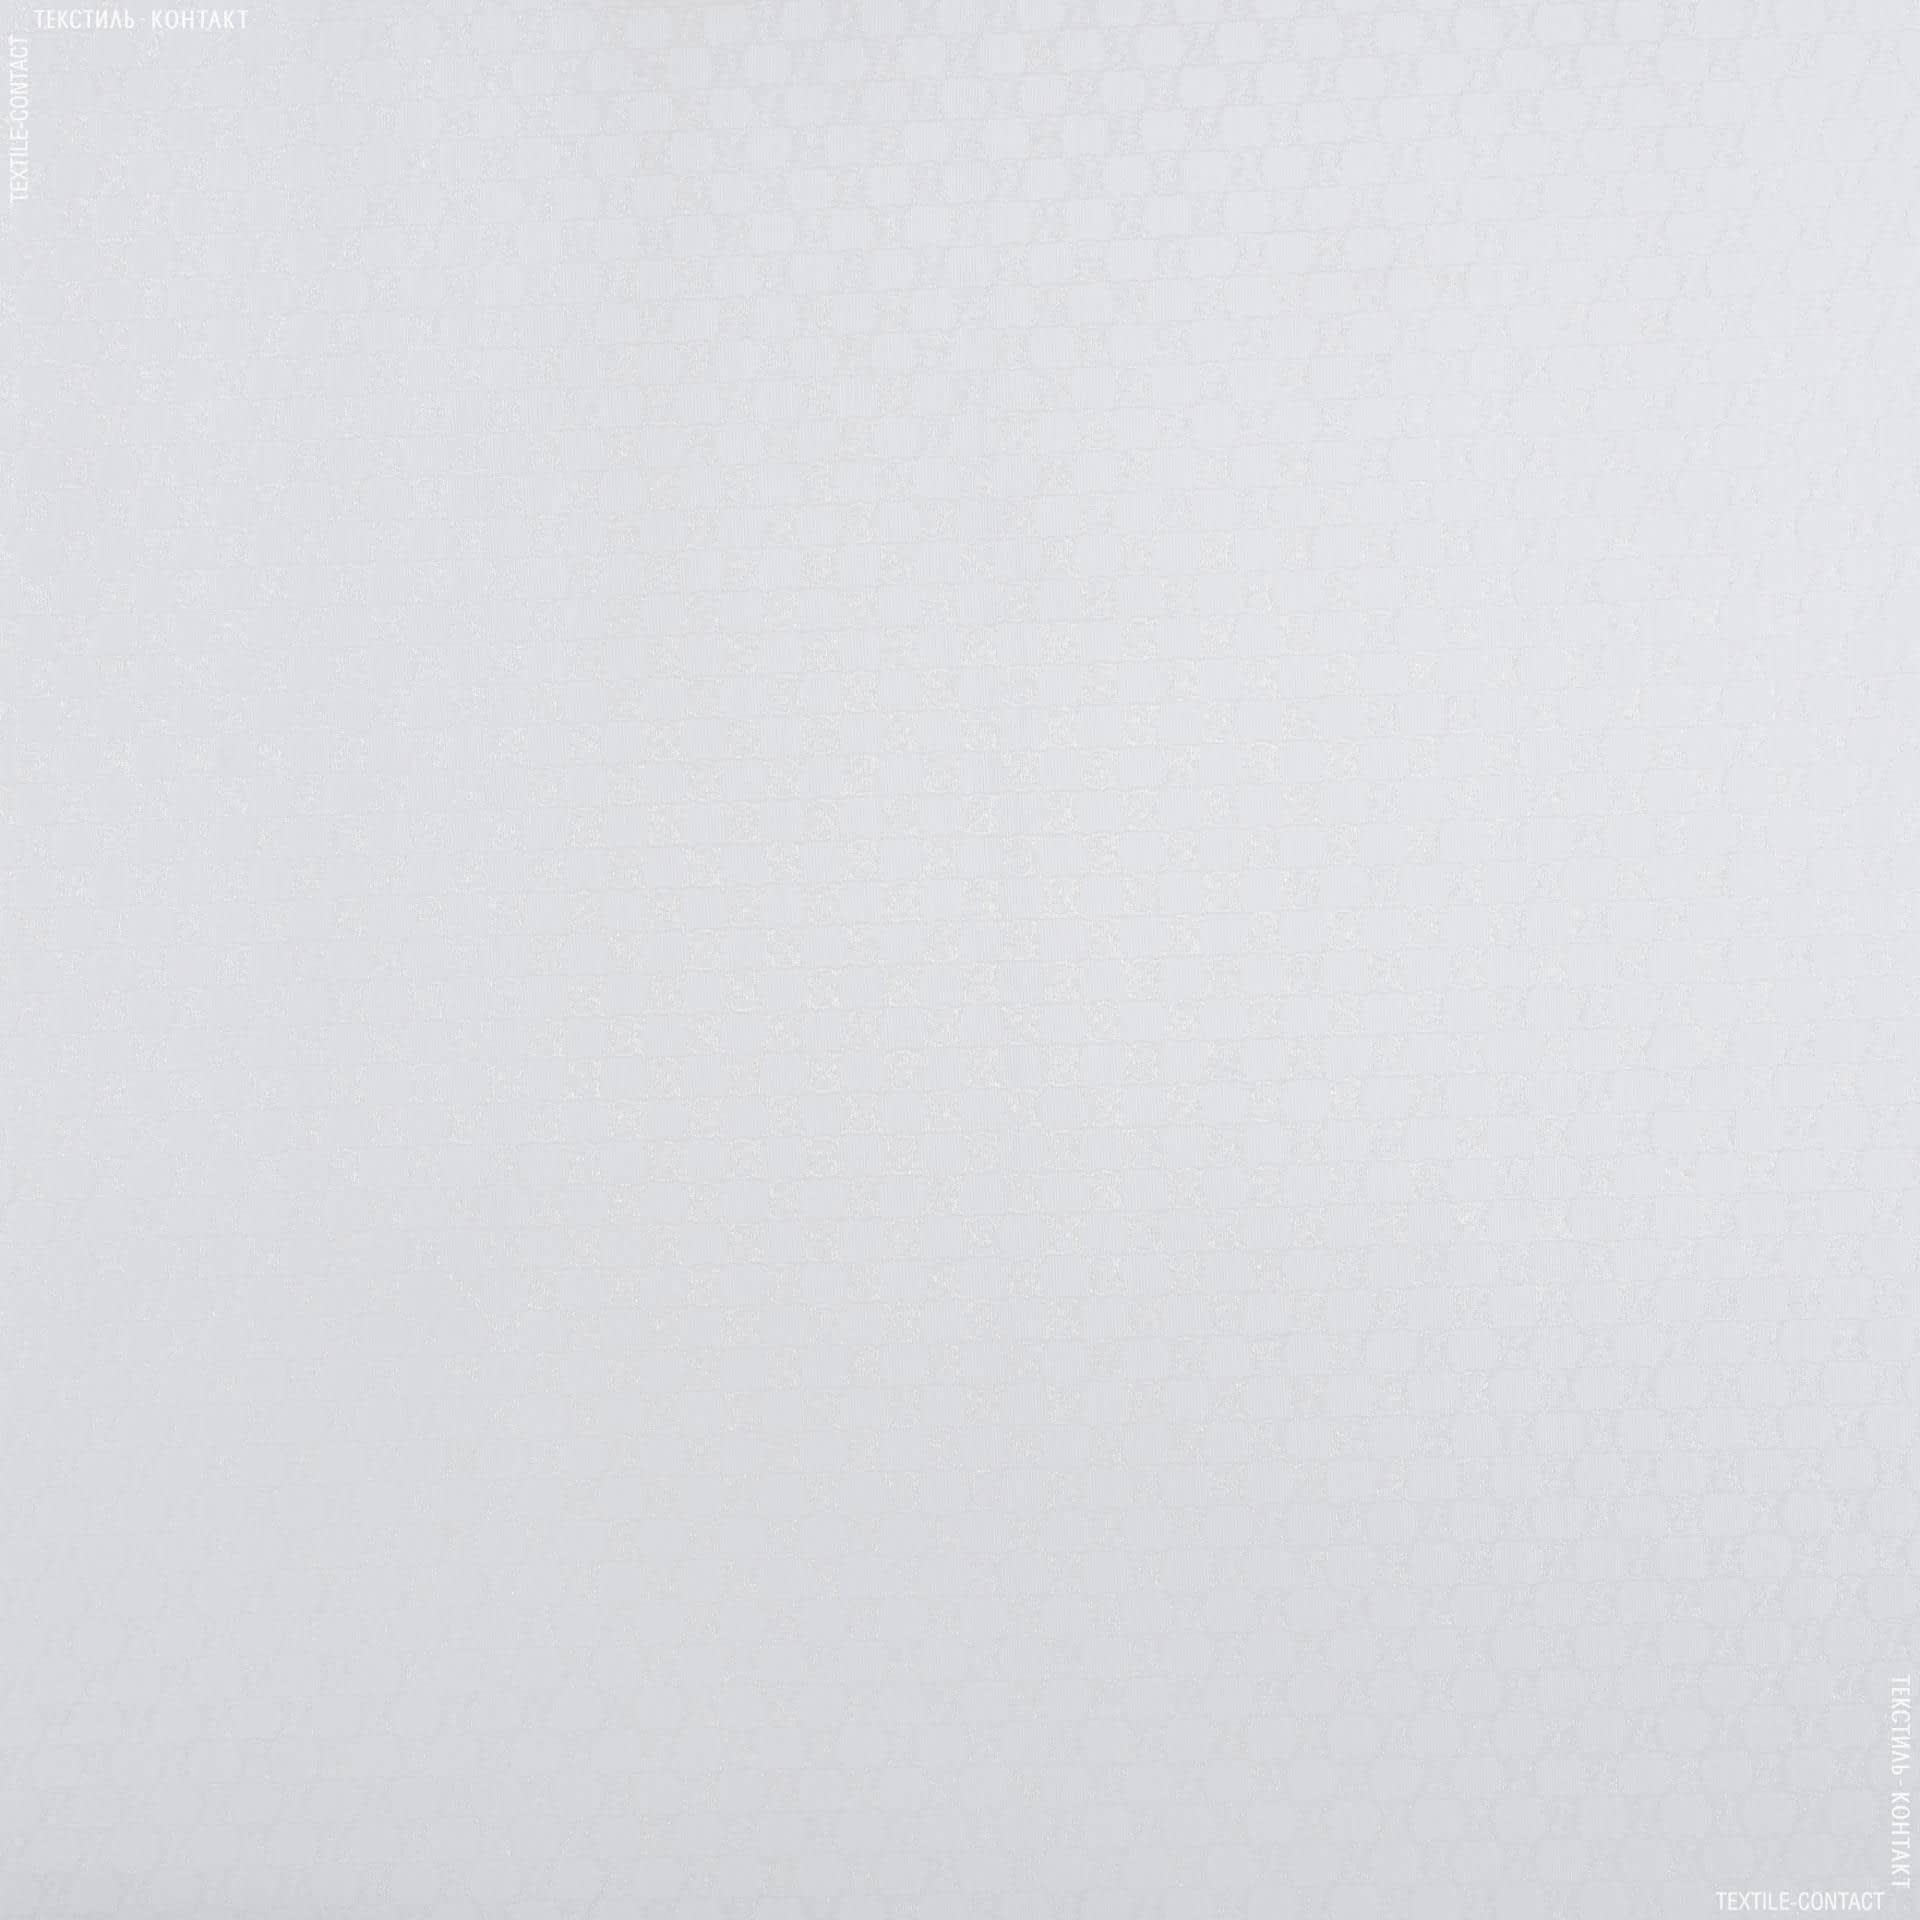 Тканини для суконь - Трикотаж гуччі прозорий білий